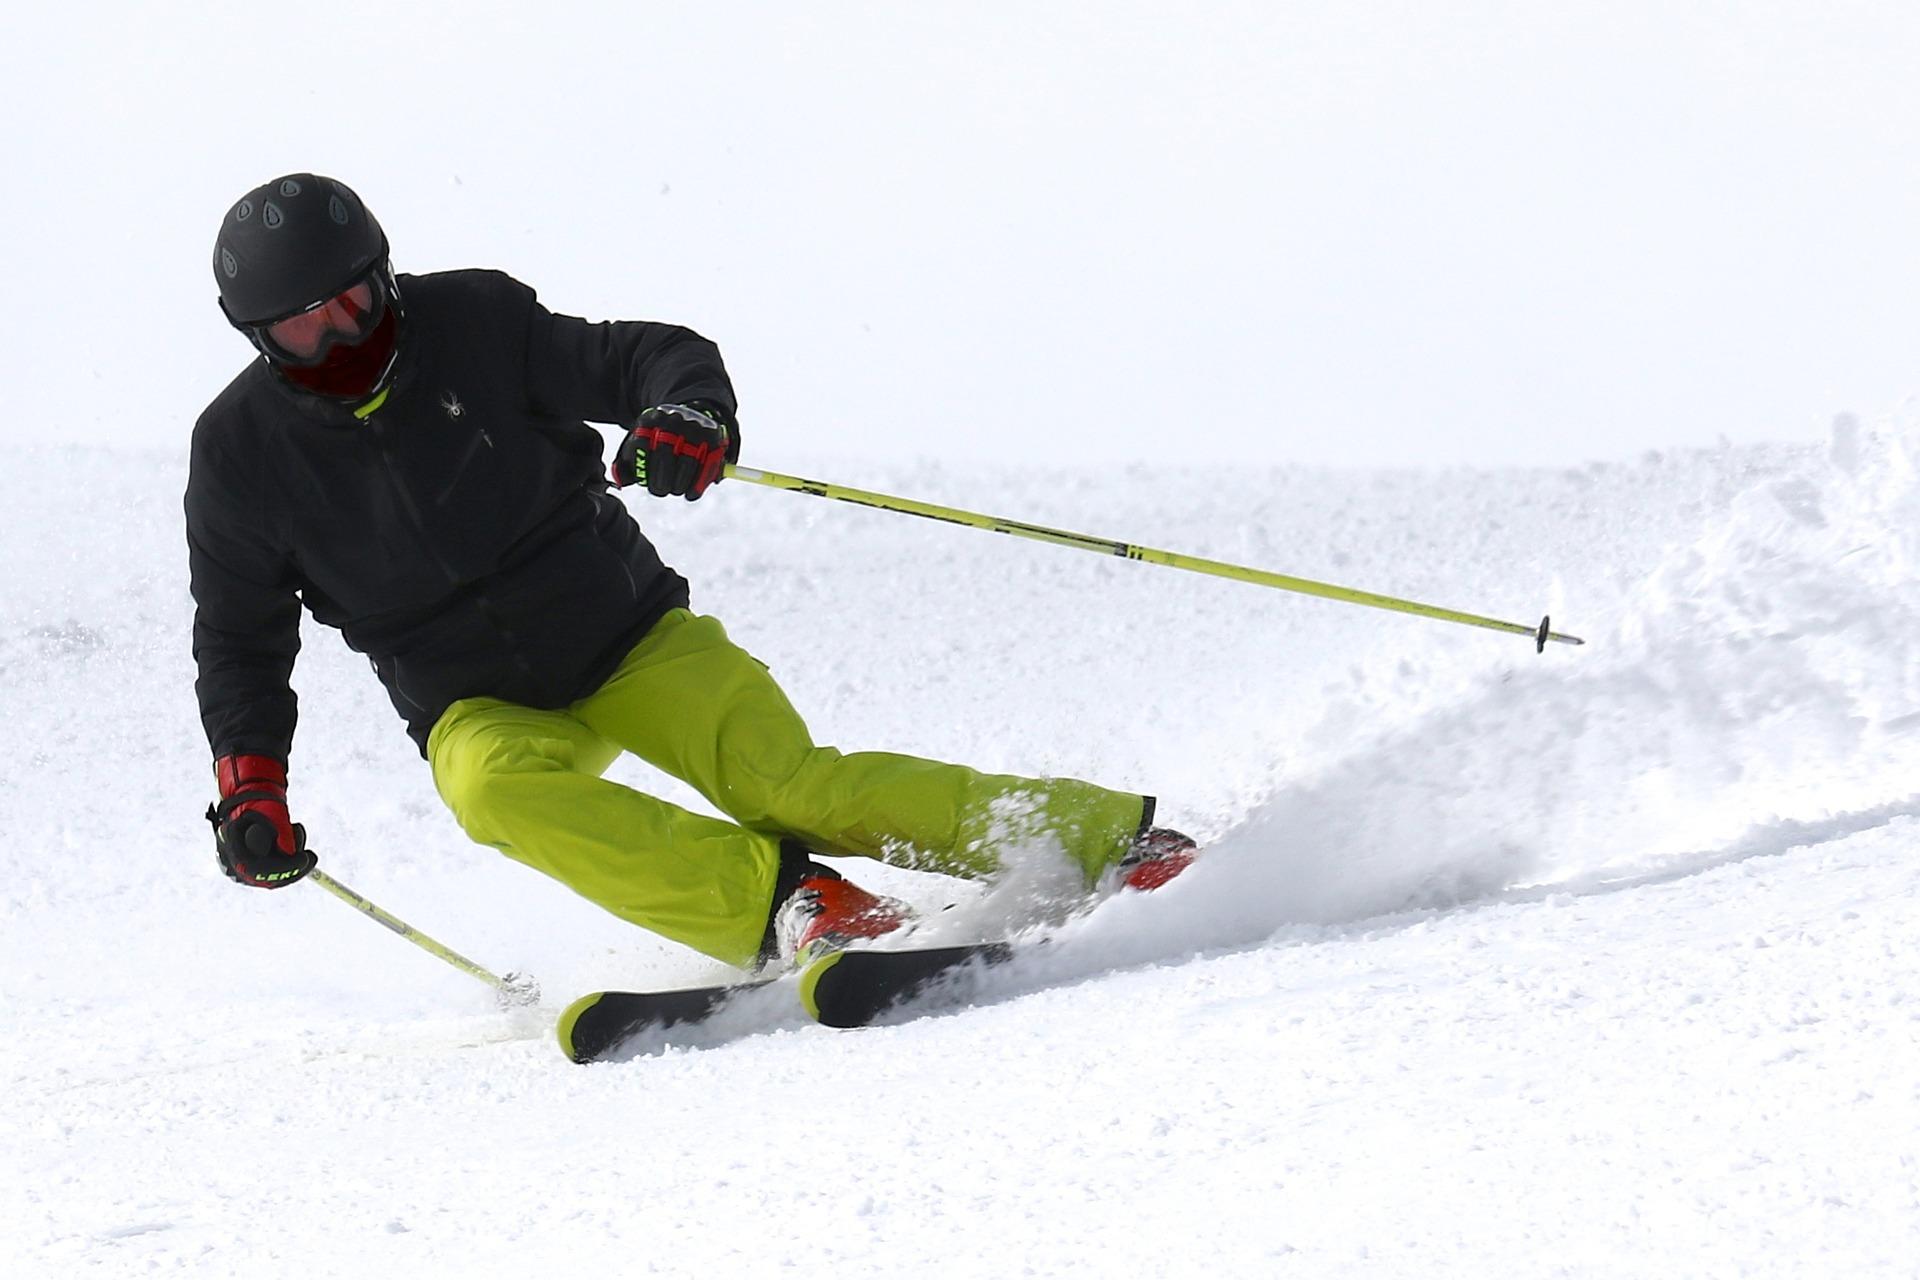 ski-2098120_1920.jpg